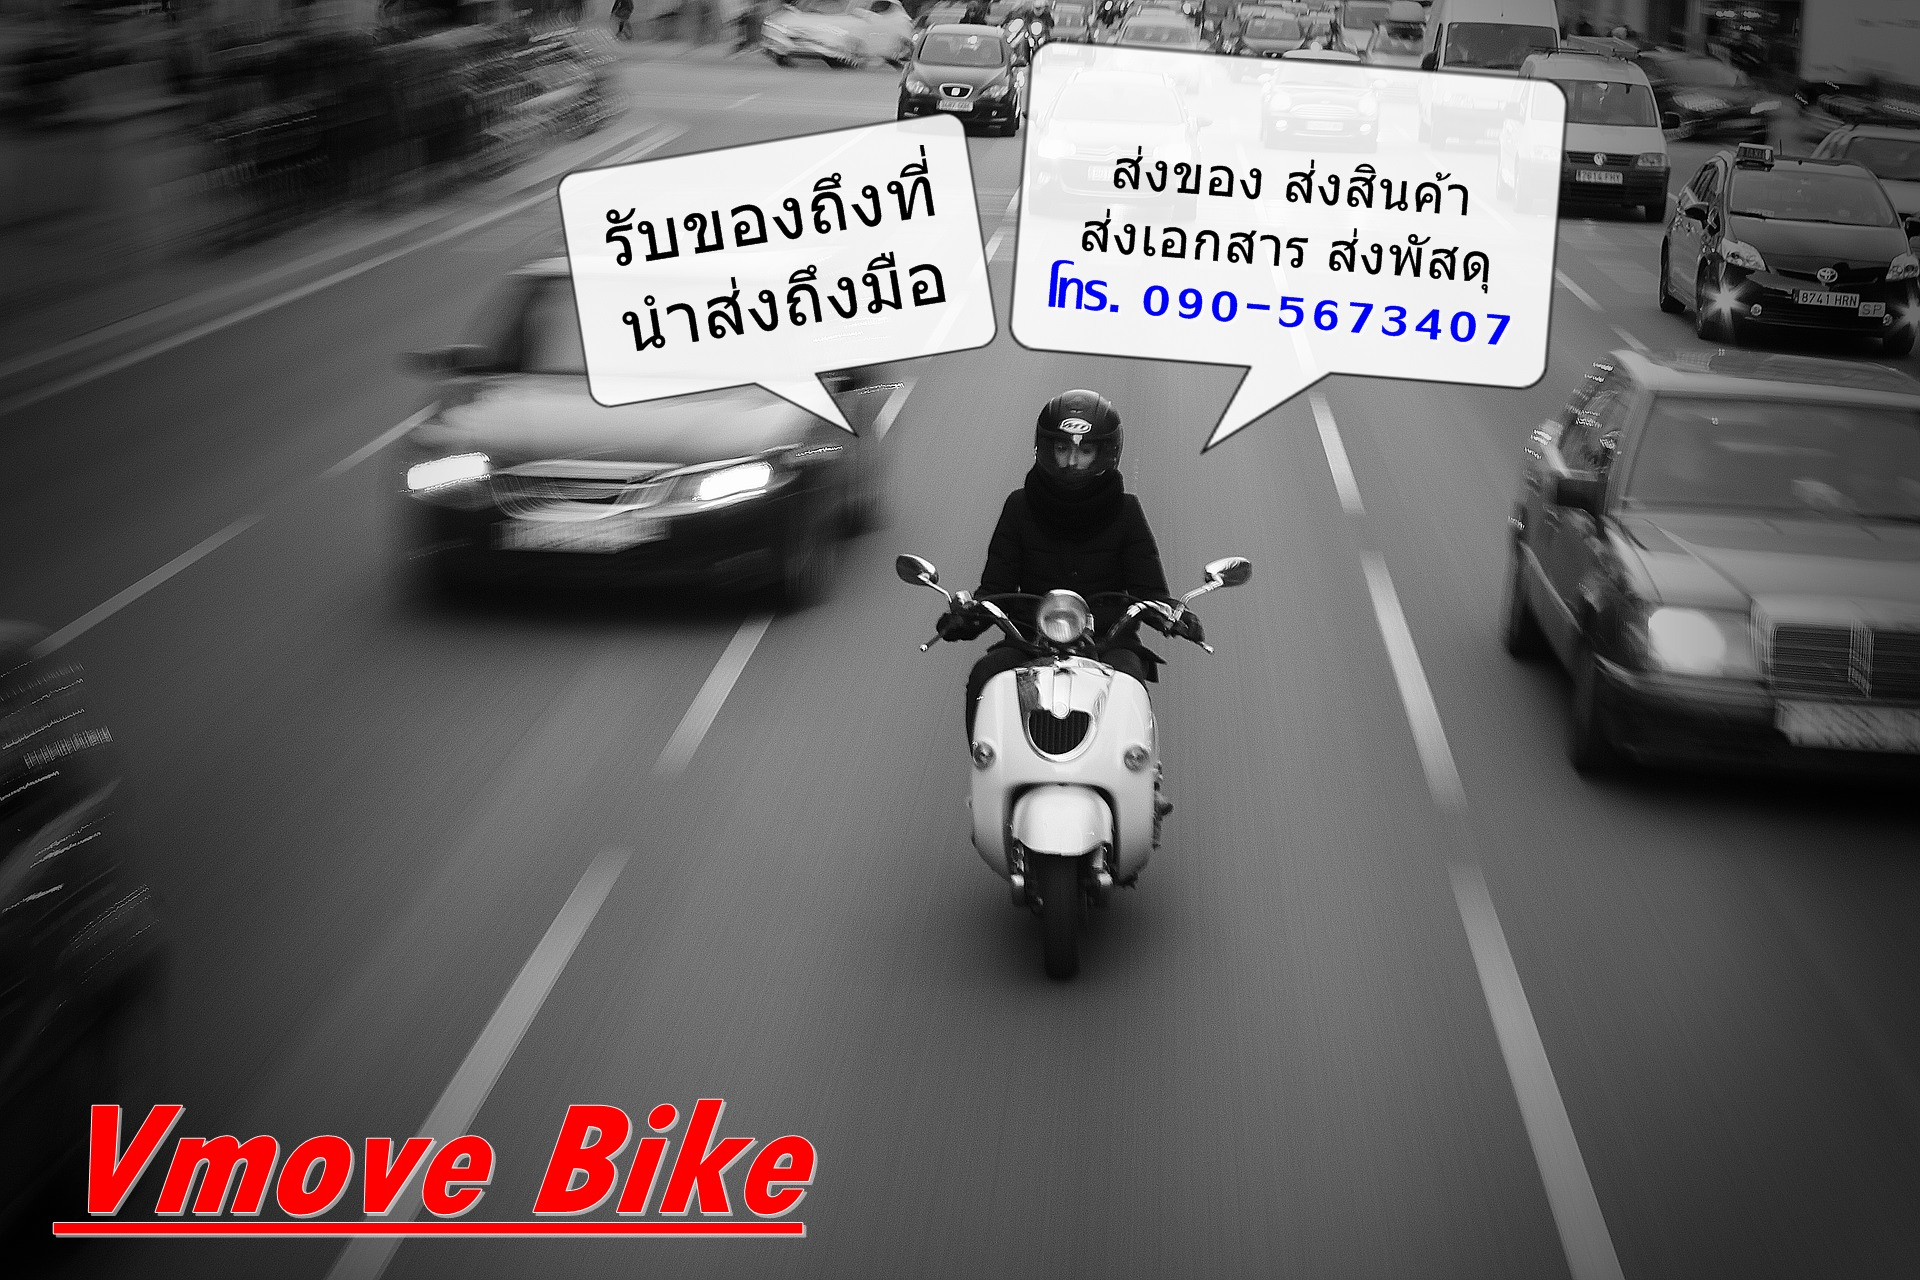 Vmoe Bike บริการส่งของด้วยรถมอเตอร์ไซด์